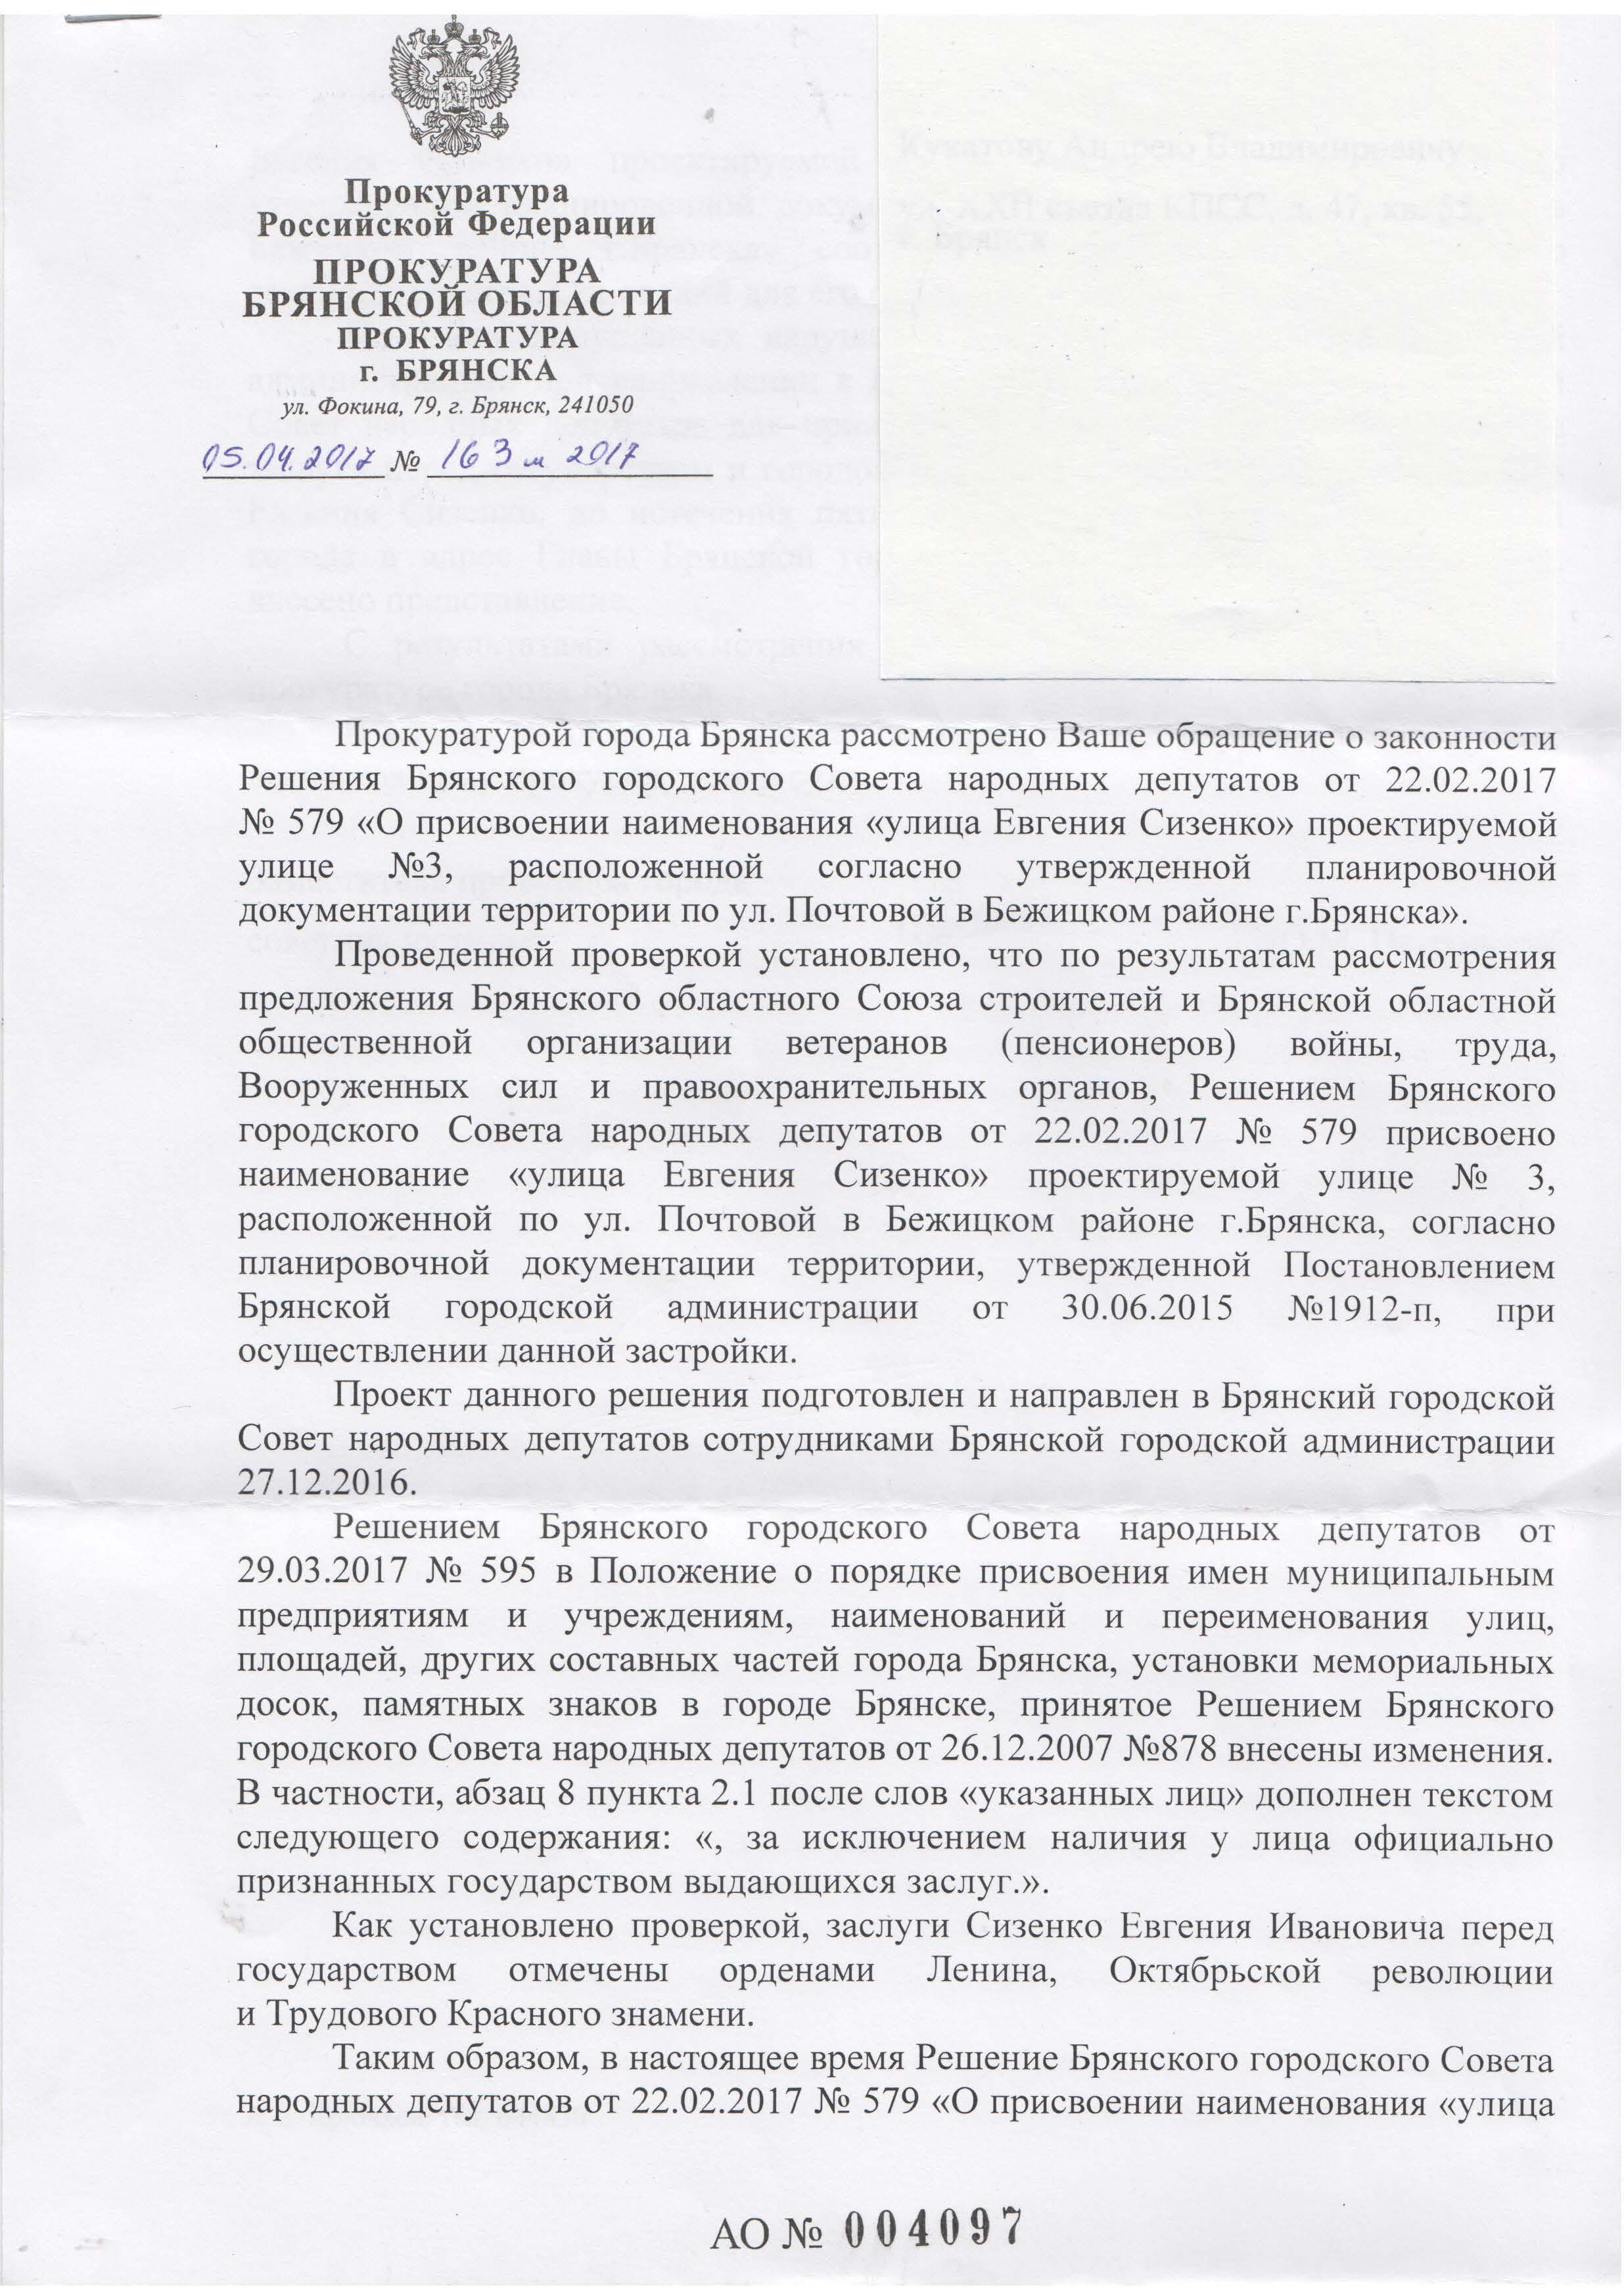 2017-05-05-0005_Страница_1 (002)